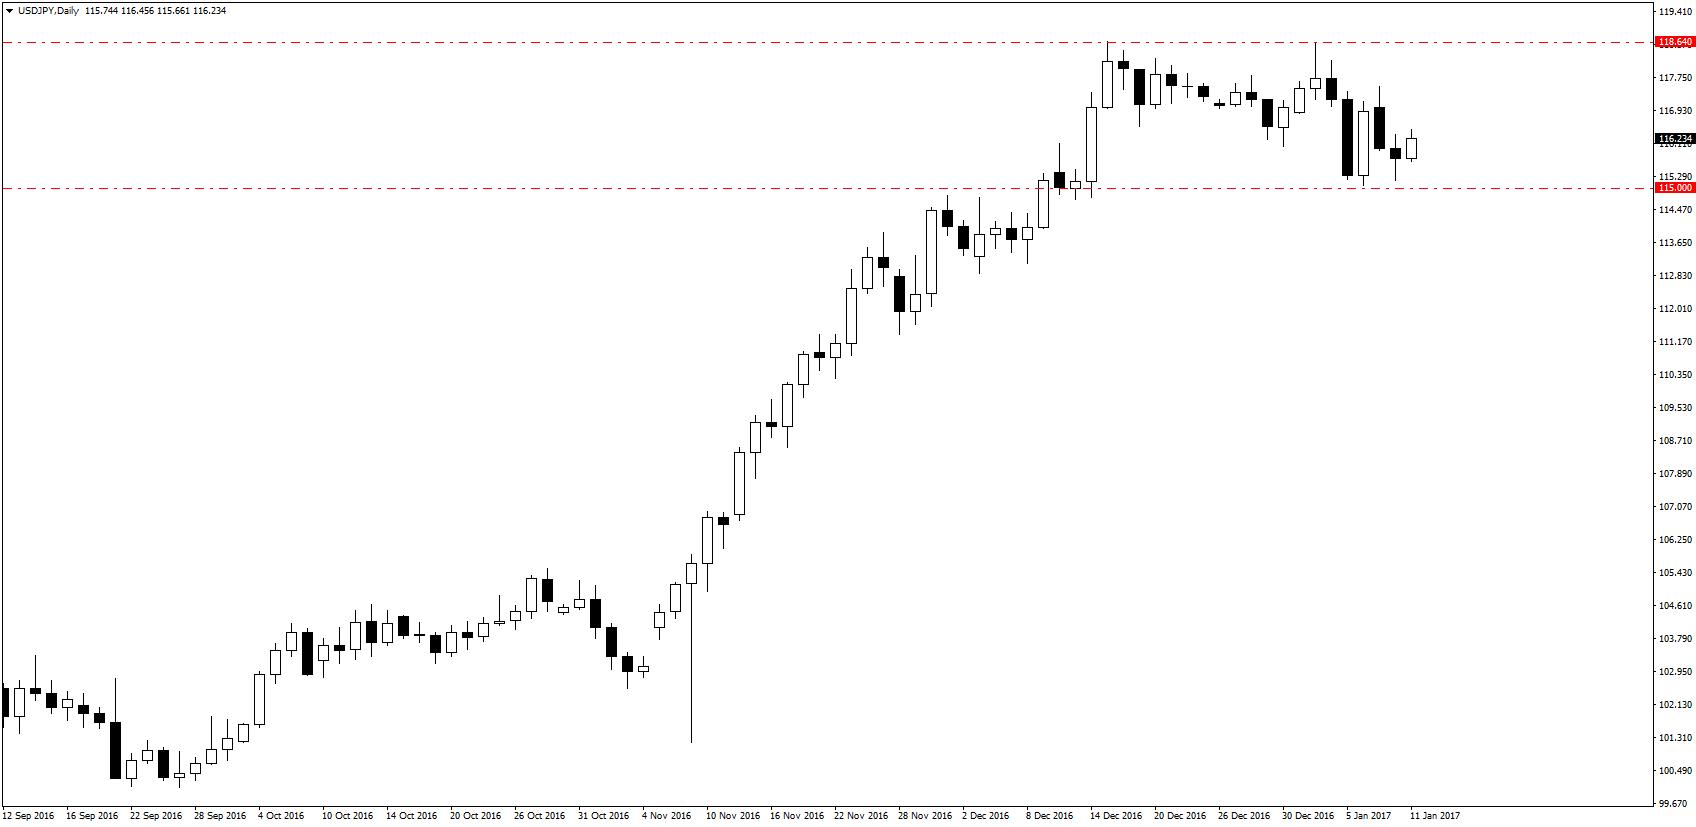 USD/JPY pozostaje w konsolidacji, jednak zdaniem analityków Danske kolejne dni mają należeć do niedźwiedzi.